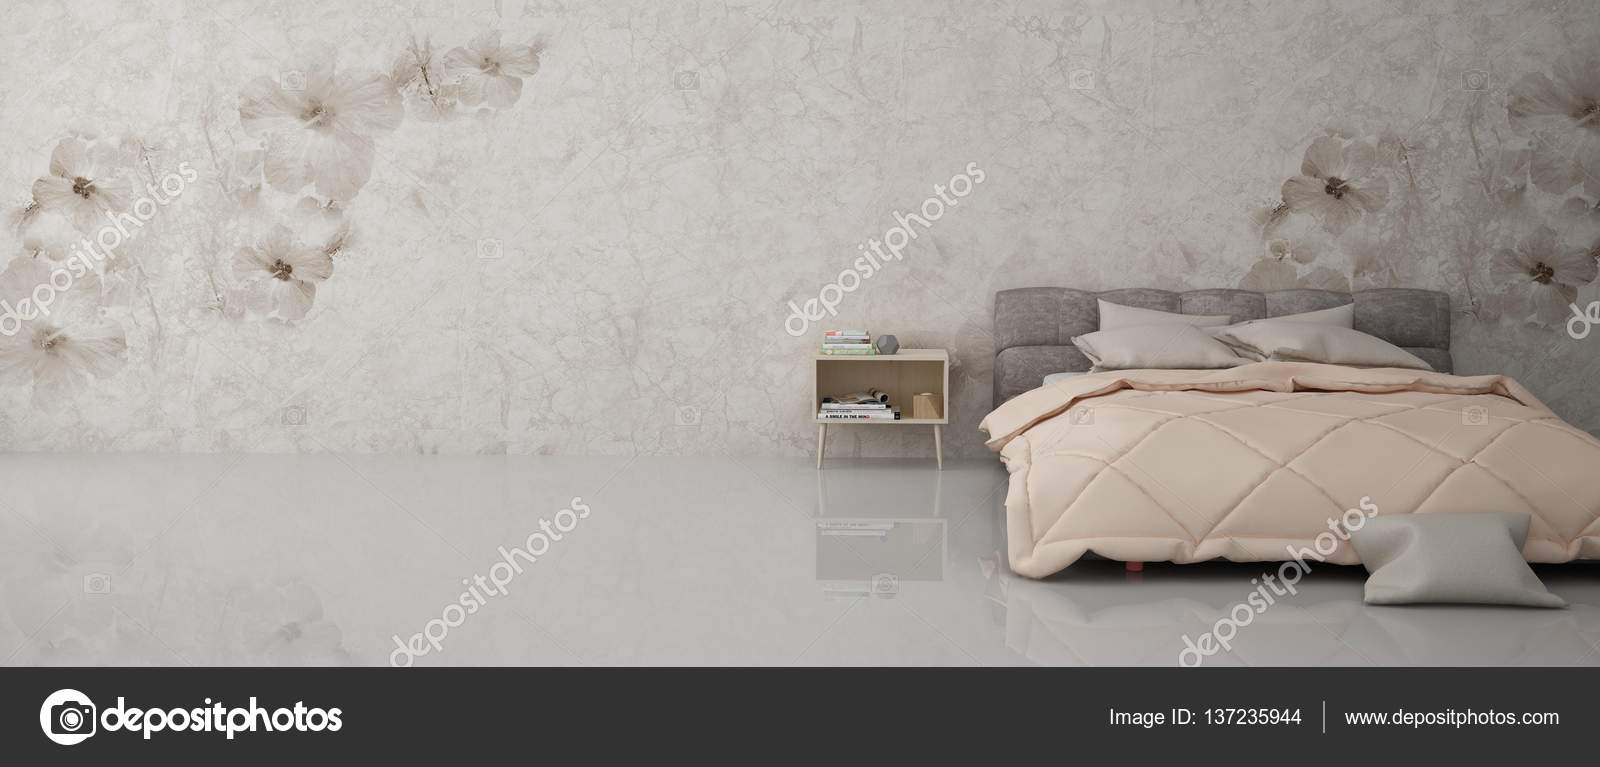 Wunderbar Elegantes Schlafzimmer Innenarchitektur Hintergrund Mit Kuscheligen Bett,  Tisch Und Tapete U2014 Foto Von Sangeetajais